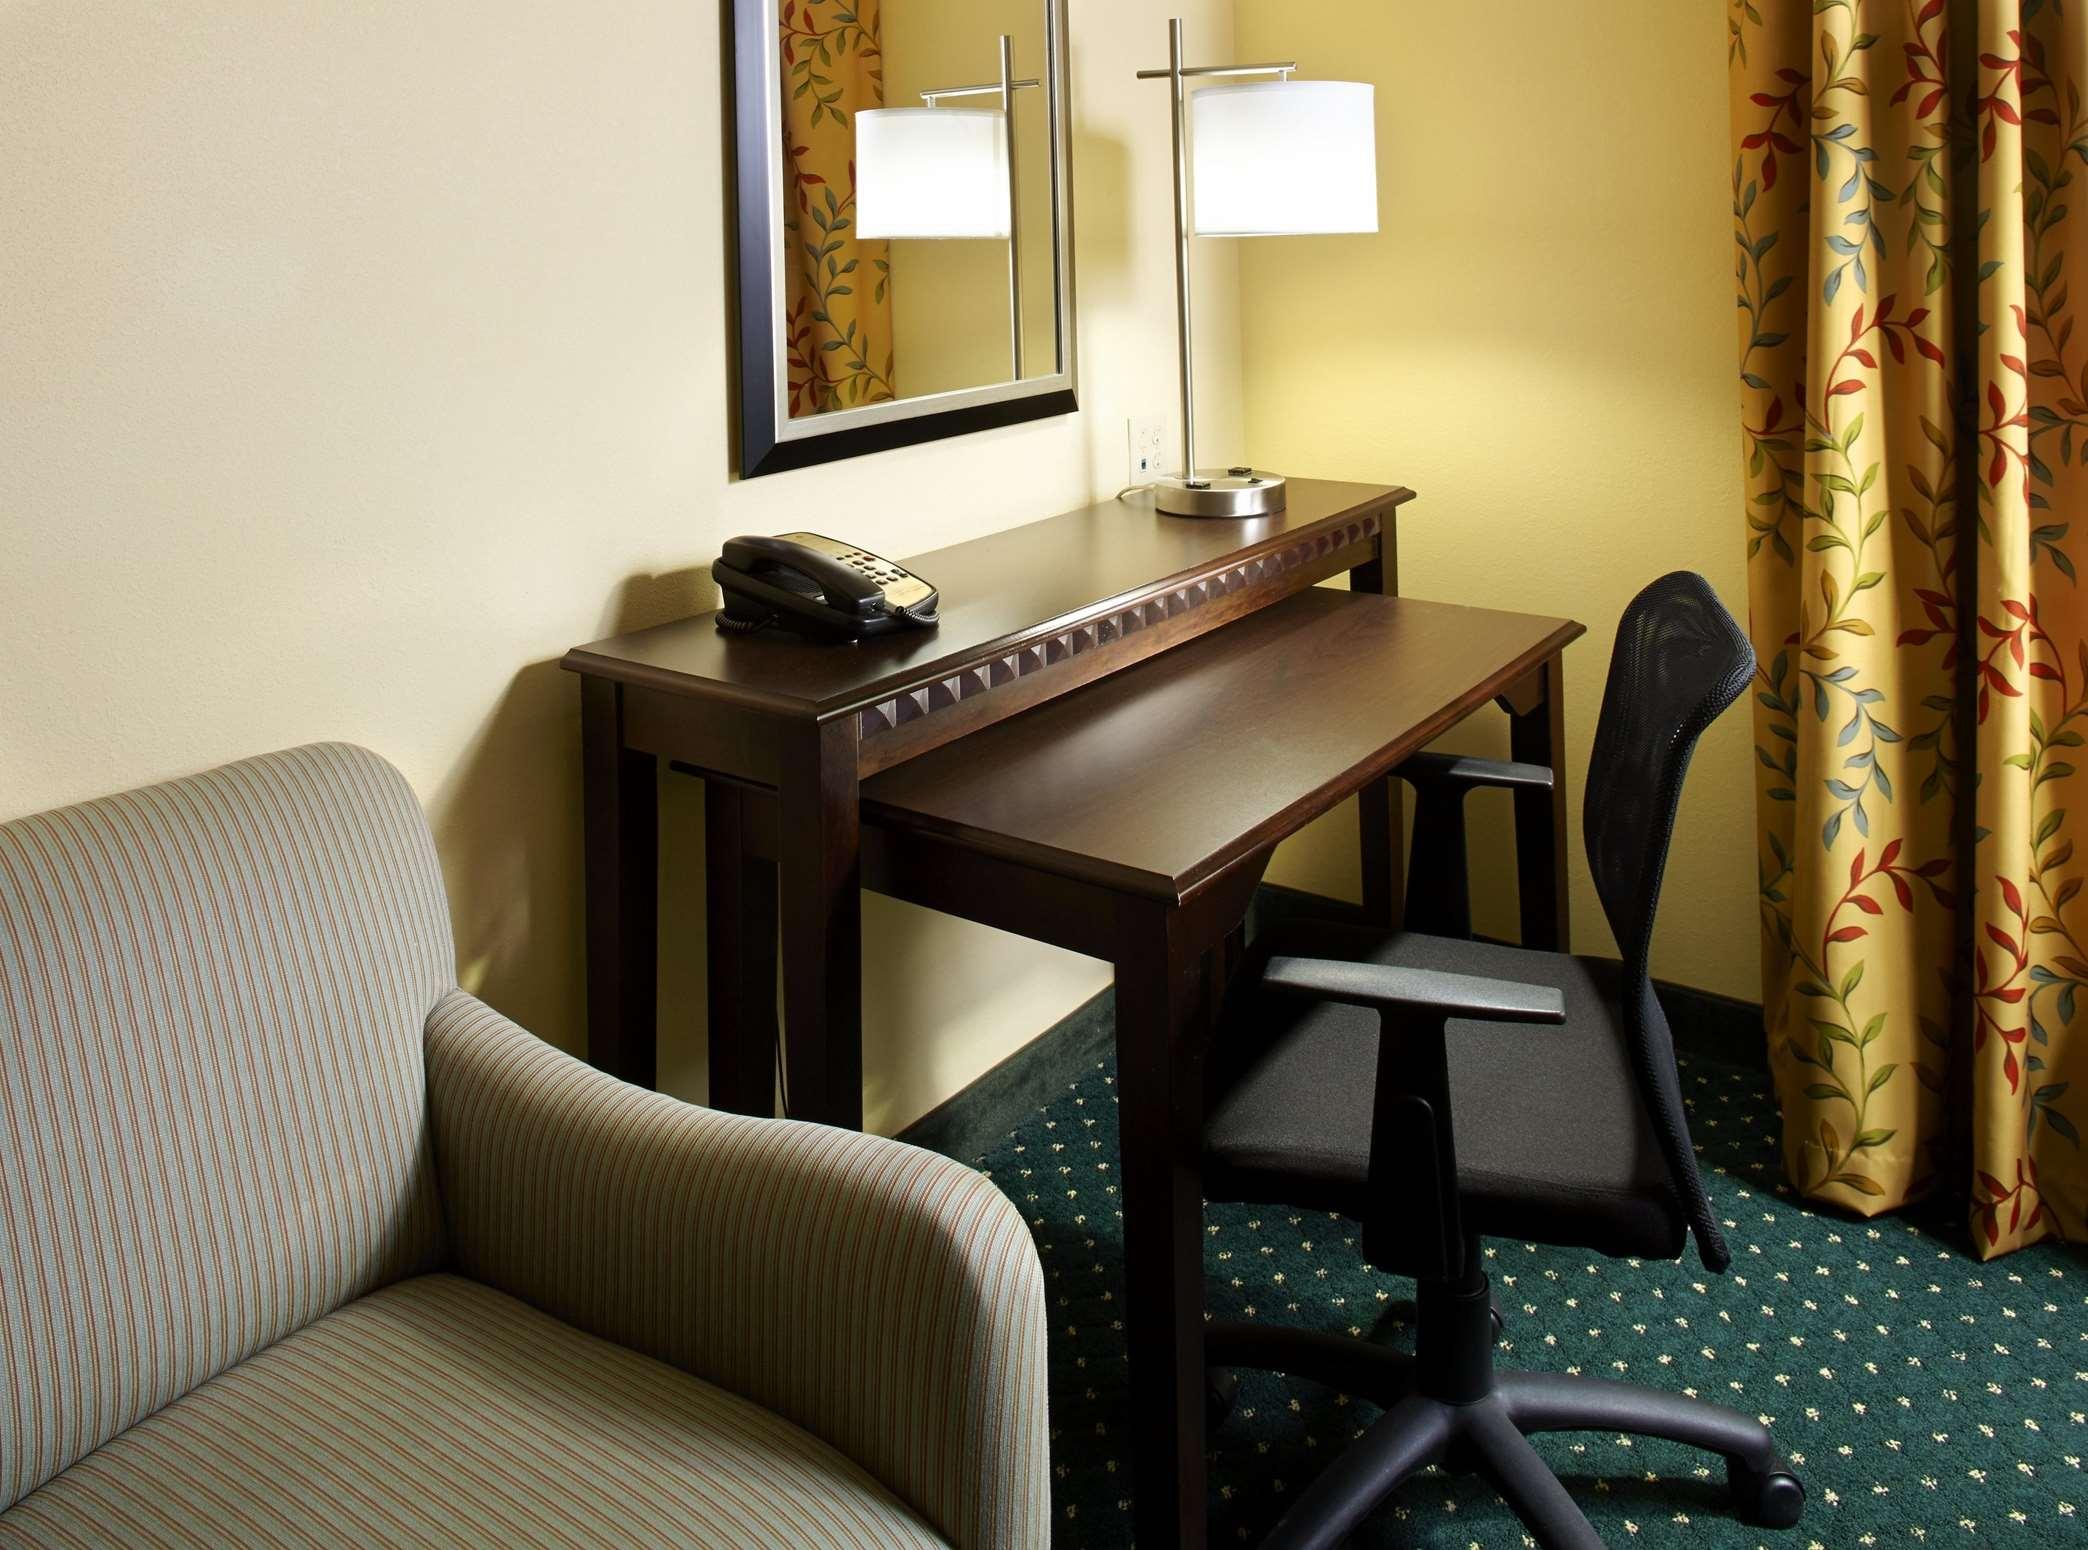 Hampton Inn & Suites Clearwater/St. Petersburg-Ulmerton Road, FL image 21